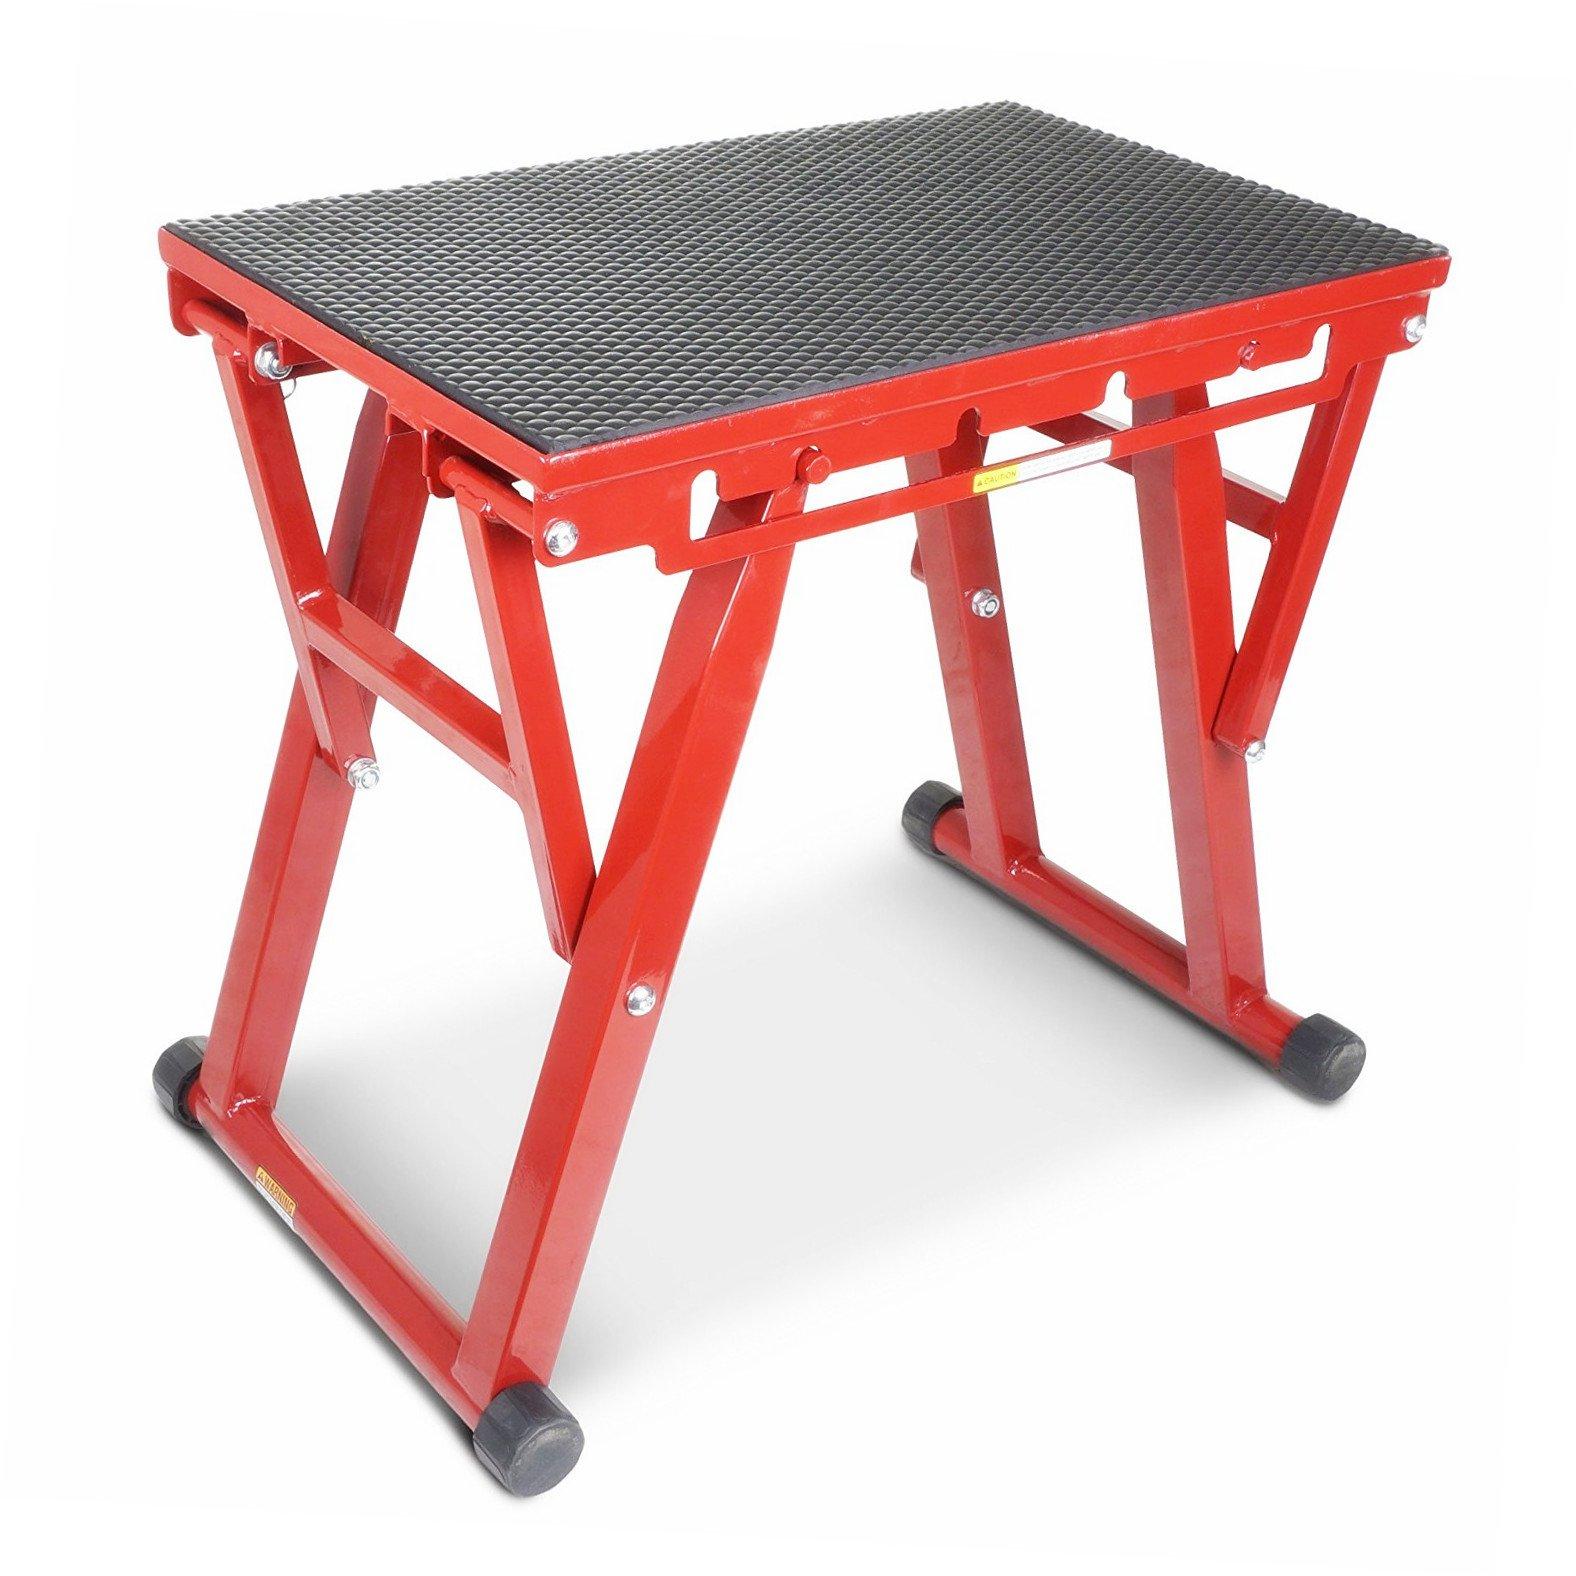 popsport pliométrico plataforma caja caja de 12 caja de fitness ejercicio saltar, paso pliométrico salto para ejercicio Fit formación, Adjustable plyo box: Amazon.es: Deportes y aire libre